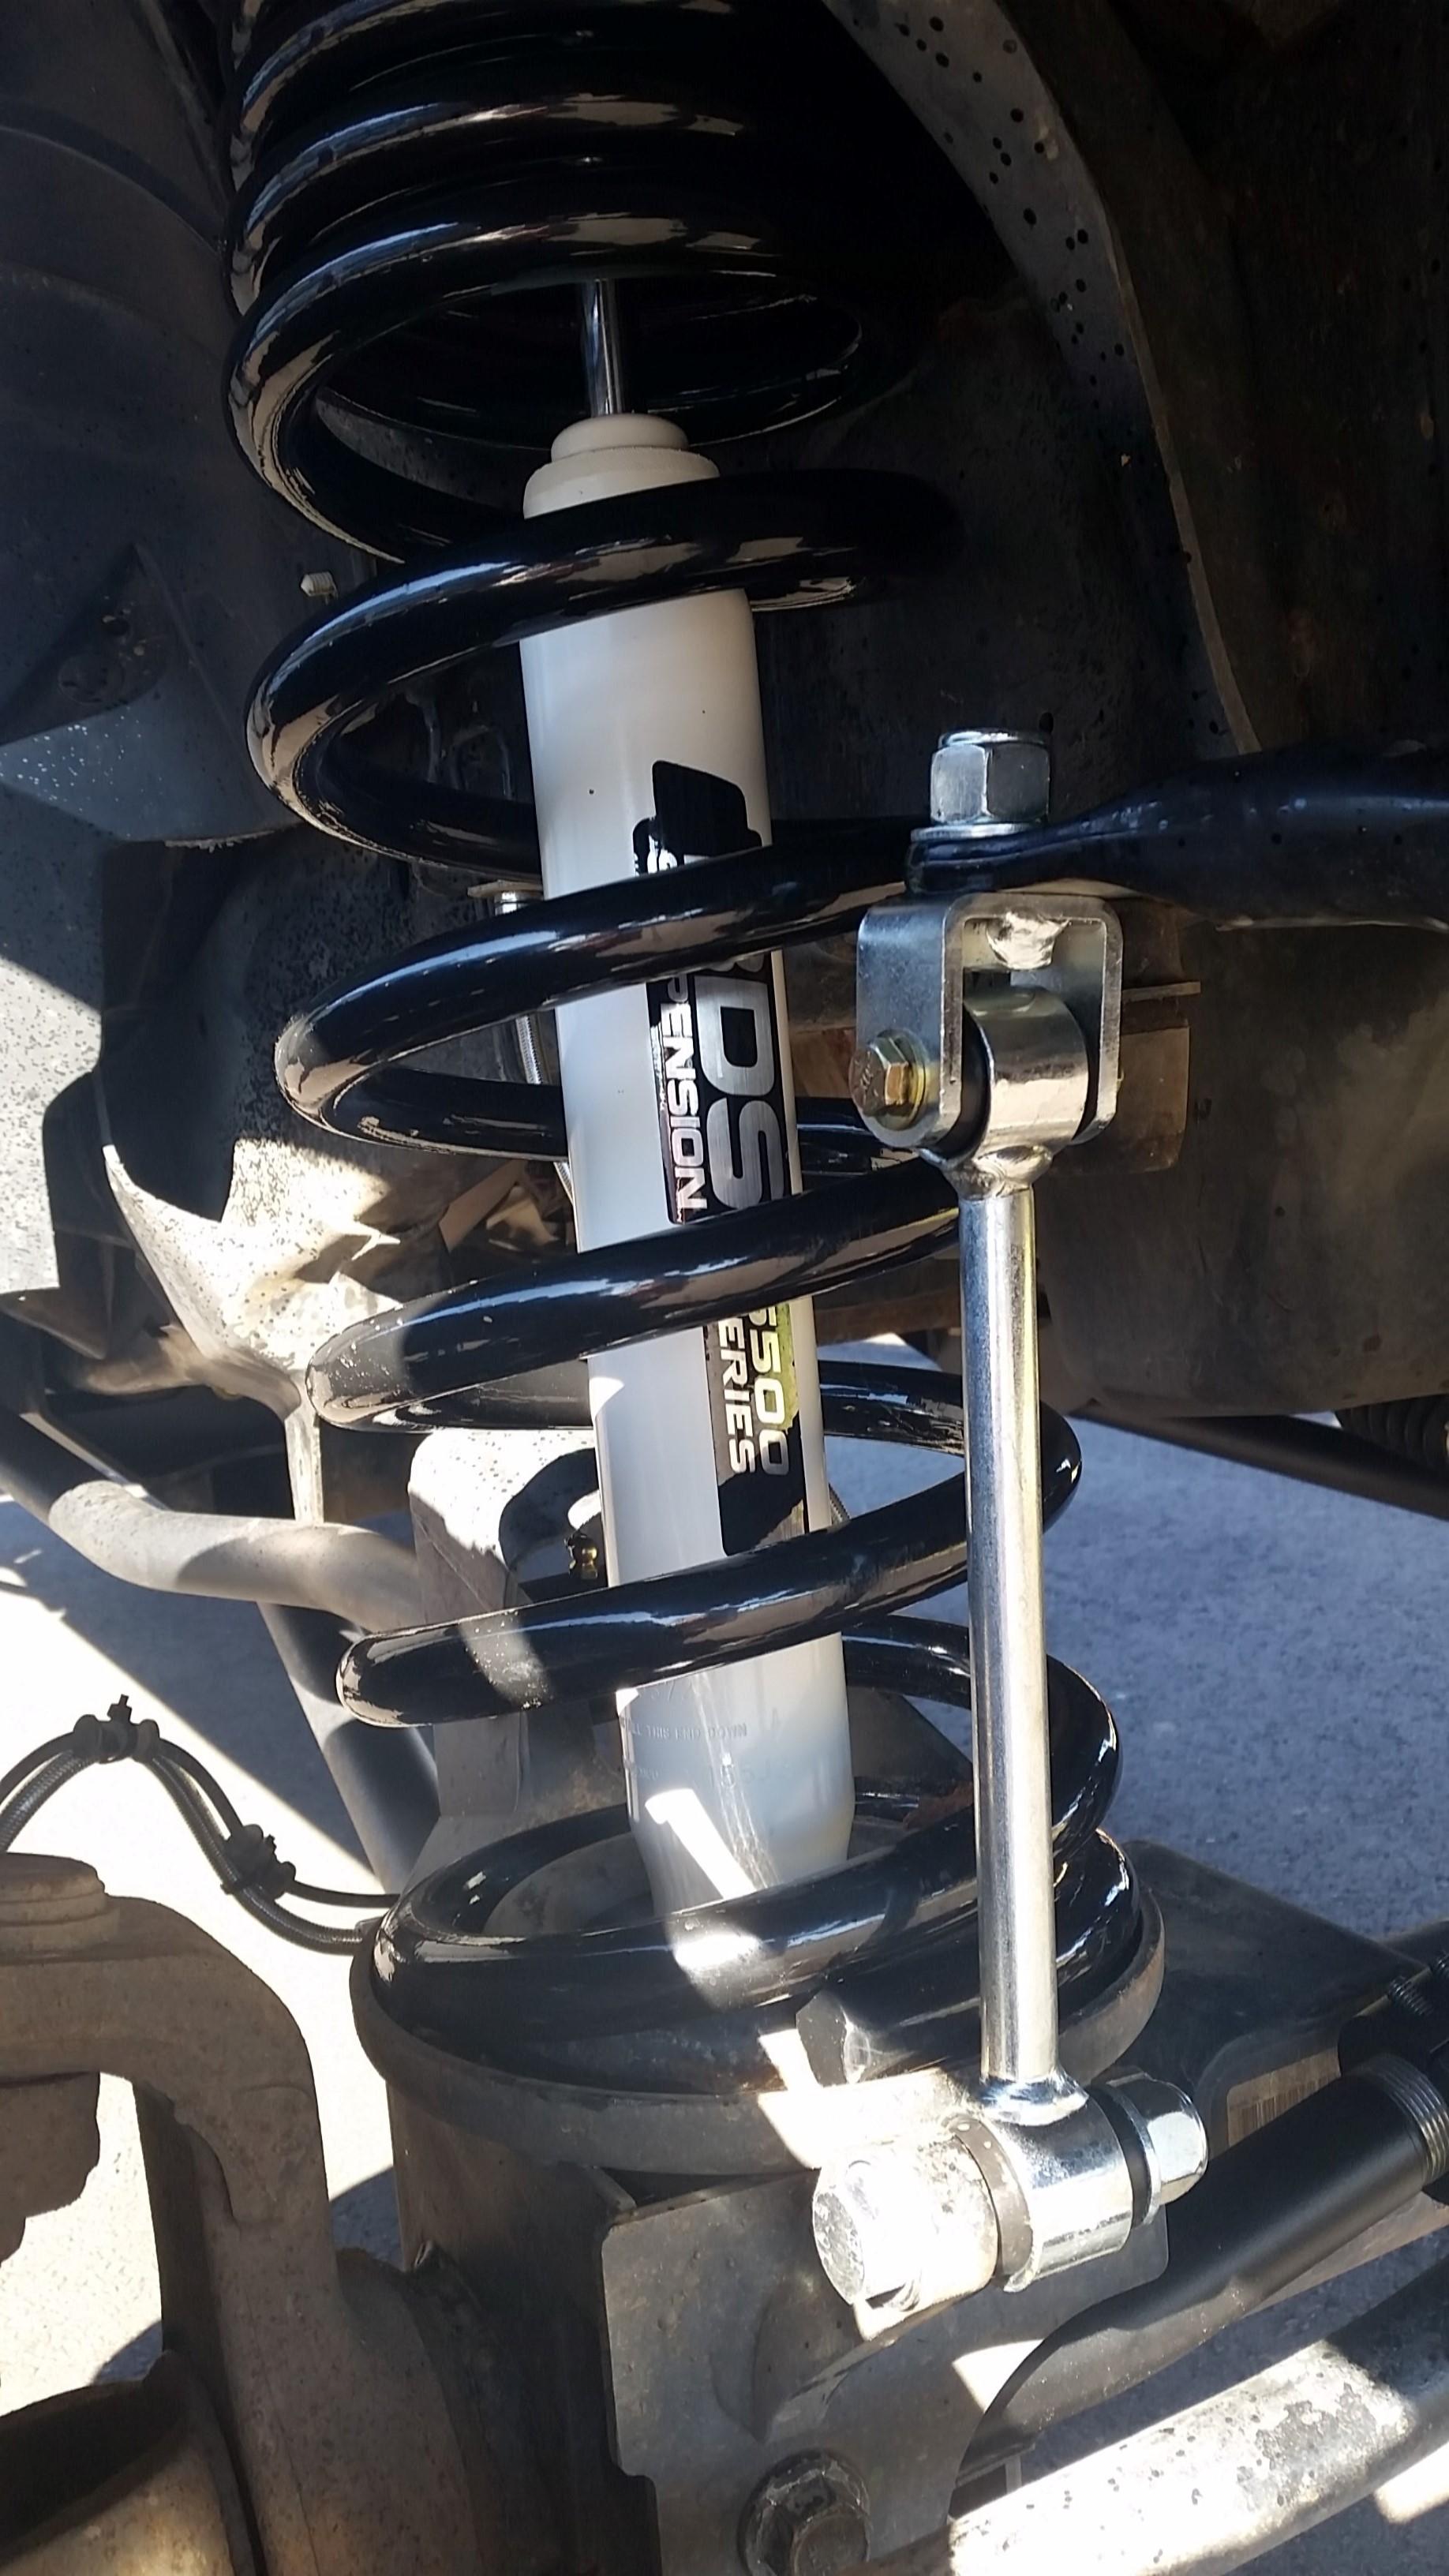 2012 RAM 2500 Turbo Diesel SLT (911)